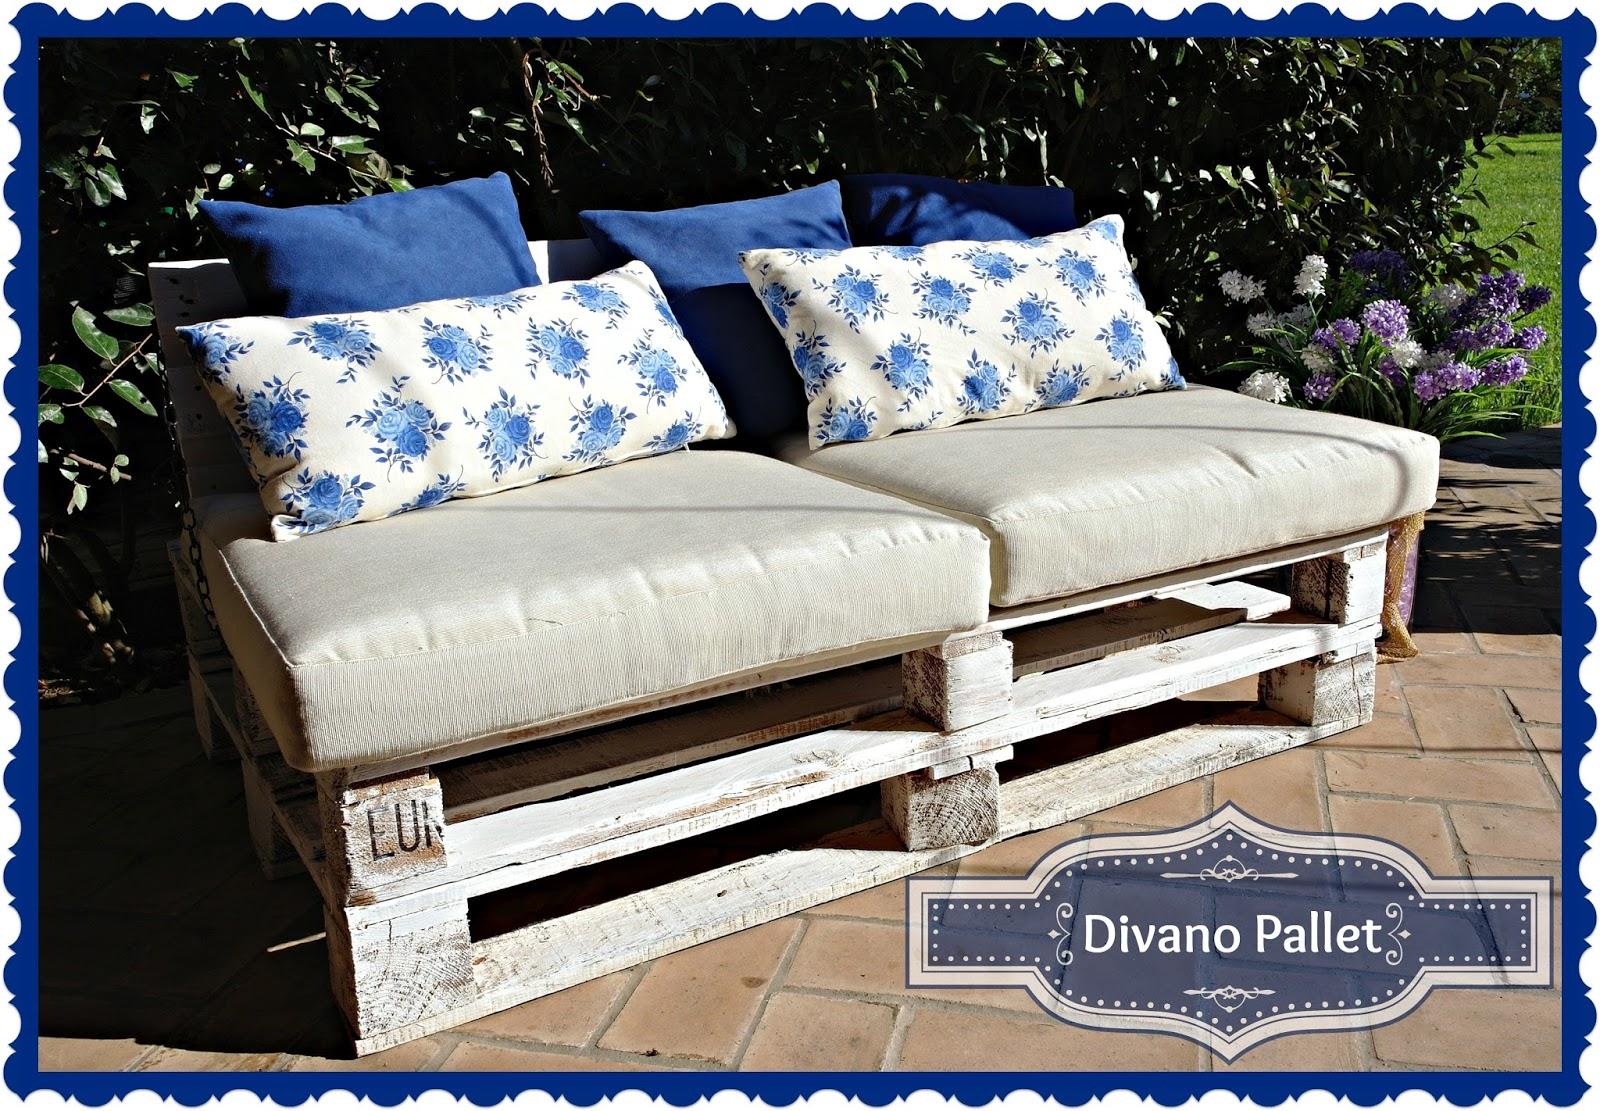 Pensieri romantici pallet couch divano pallet - Divano pallet schienale ...